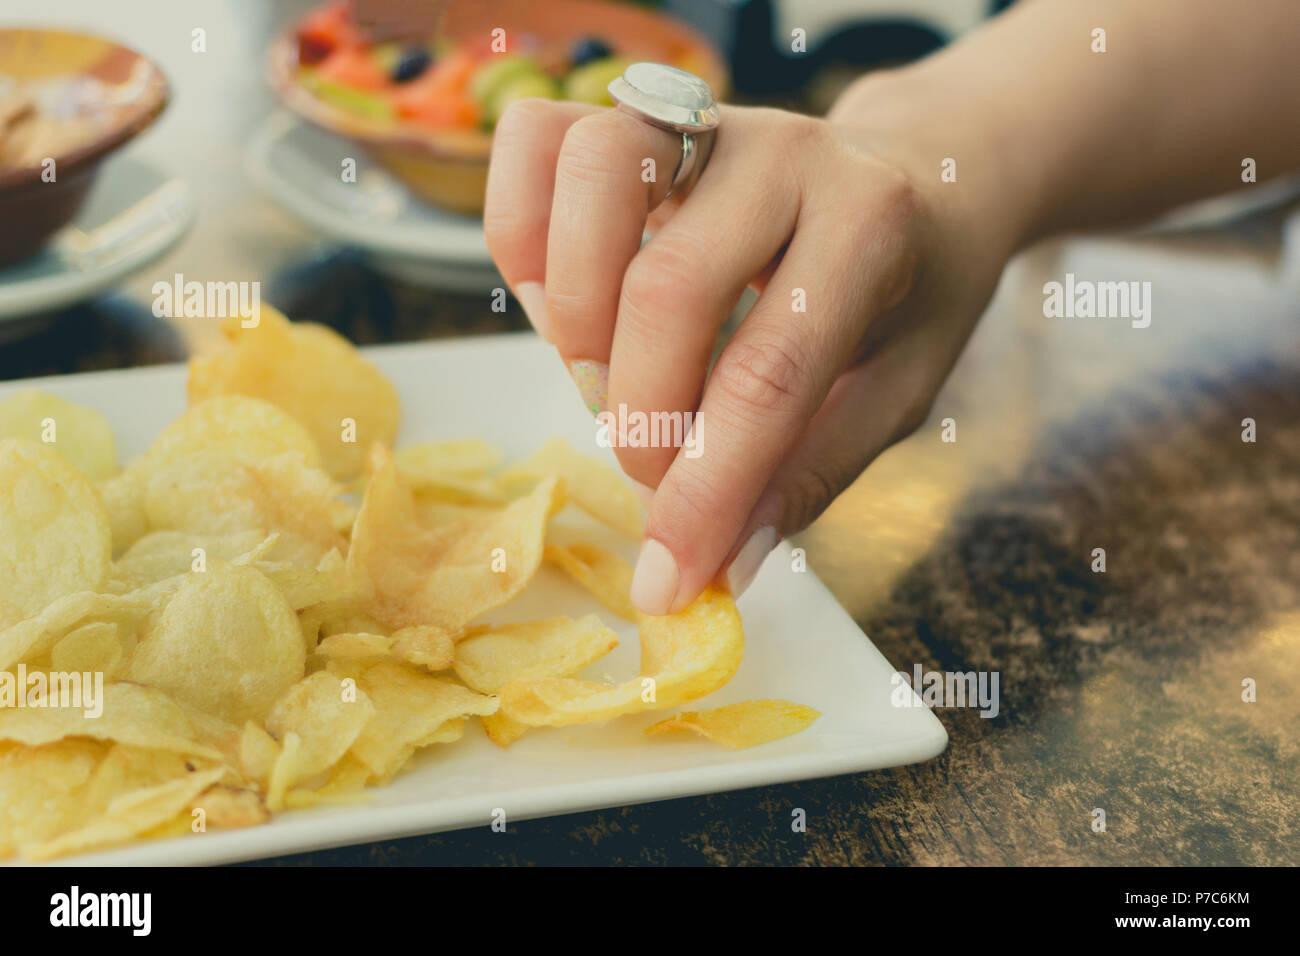 Las manos de una mujer recogiendo una papa frita durante un snack Imagen De Stock